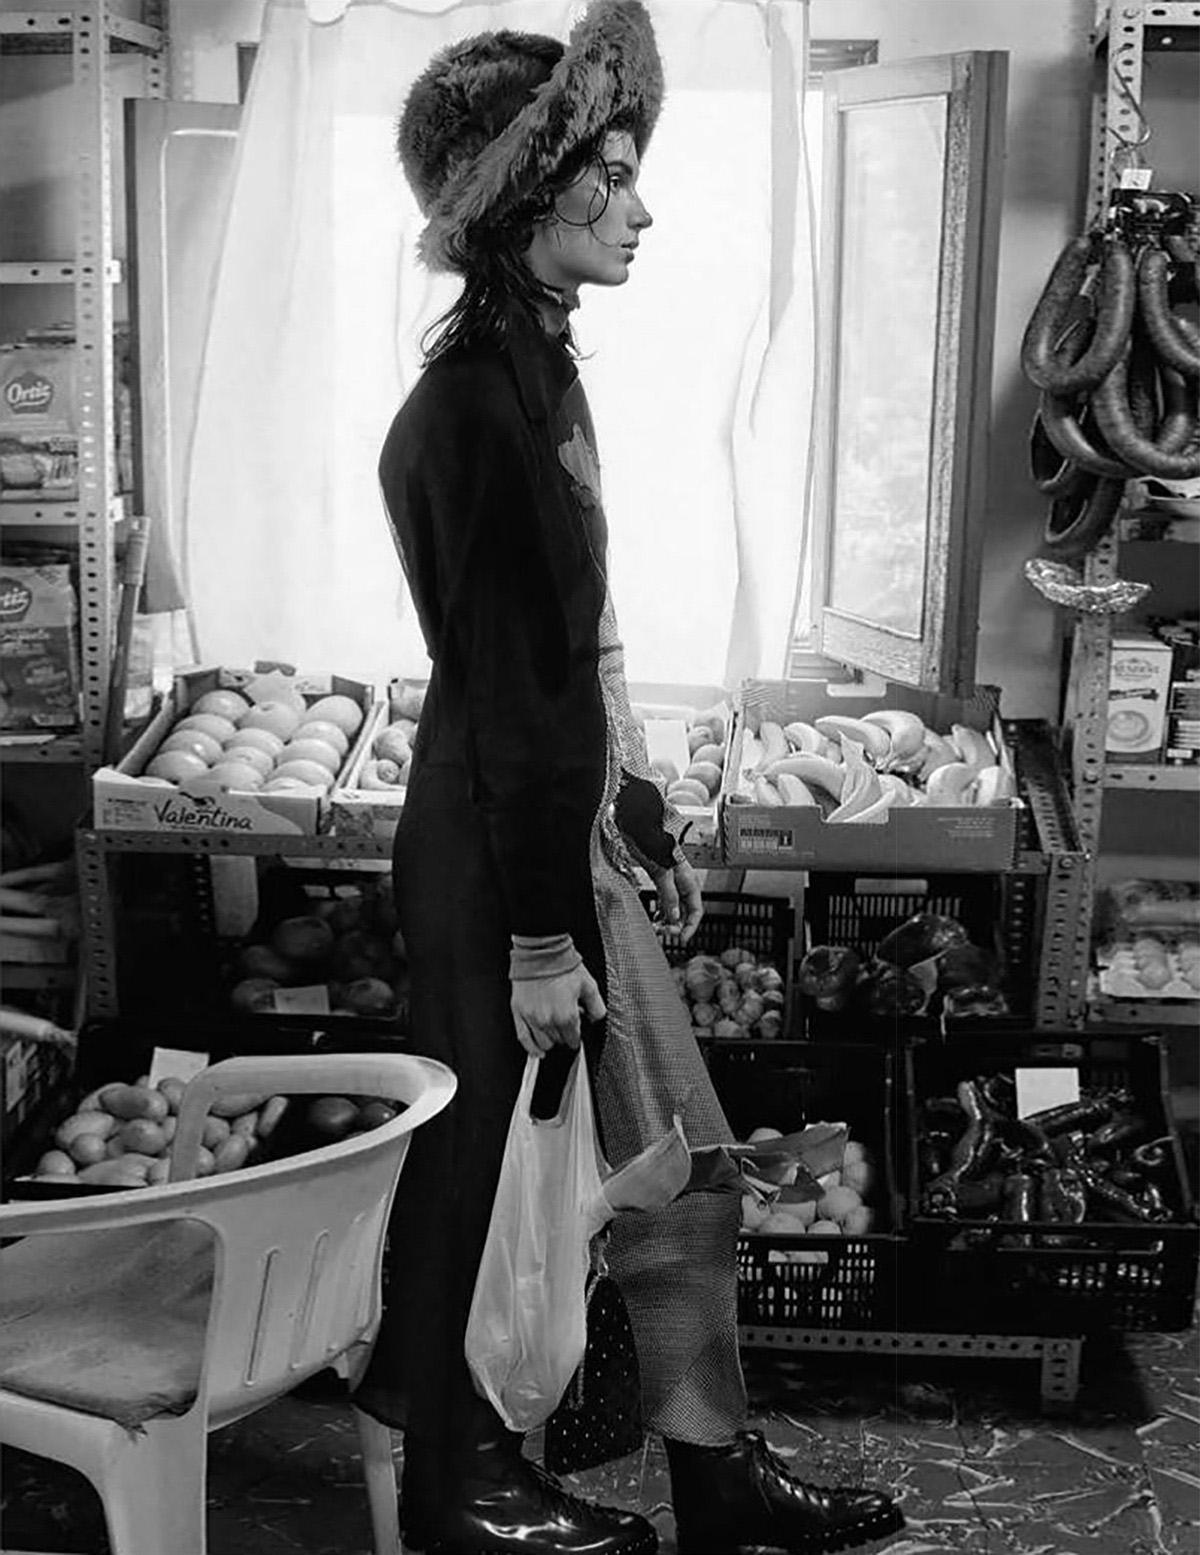 платье из шерсти, Acne Studios; шляпа, Miu Miu; сумка из бархата с декором из цветных кристаллов, Giorgio Armani; ботинки, Valentino Garavani